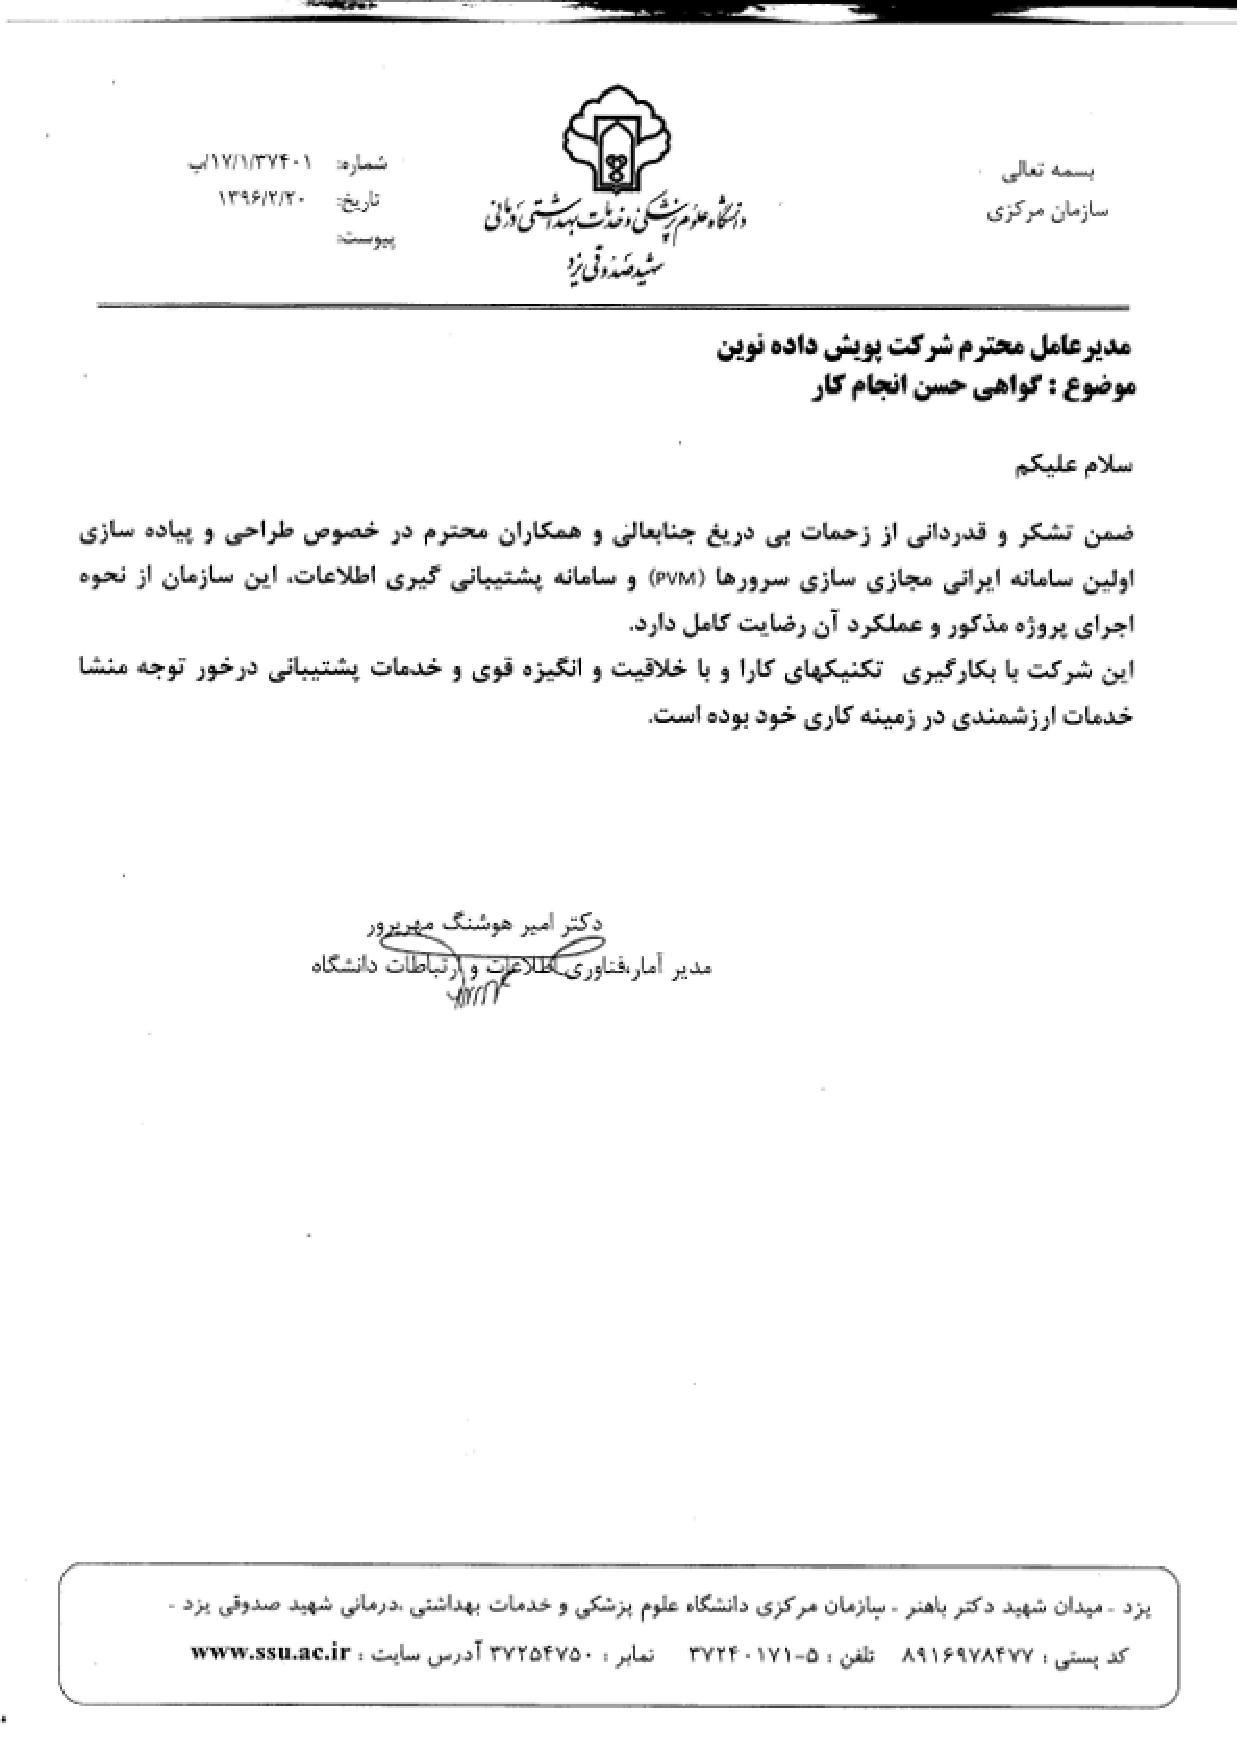 دانشگاه علوم پزشکی و خدمات بهداشتی درمانی شهید صدوقی یزد.jpg -